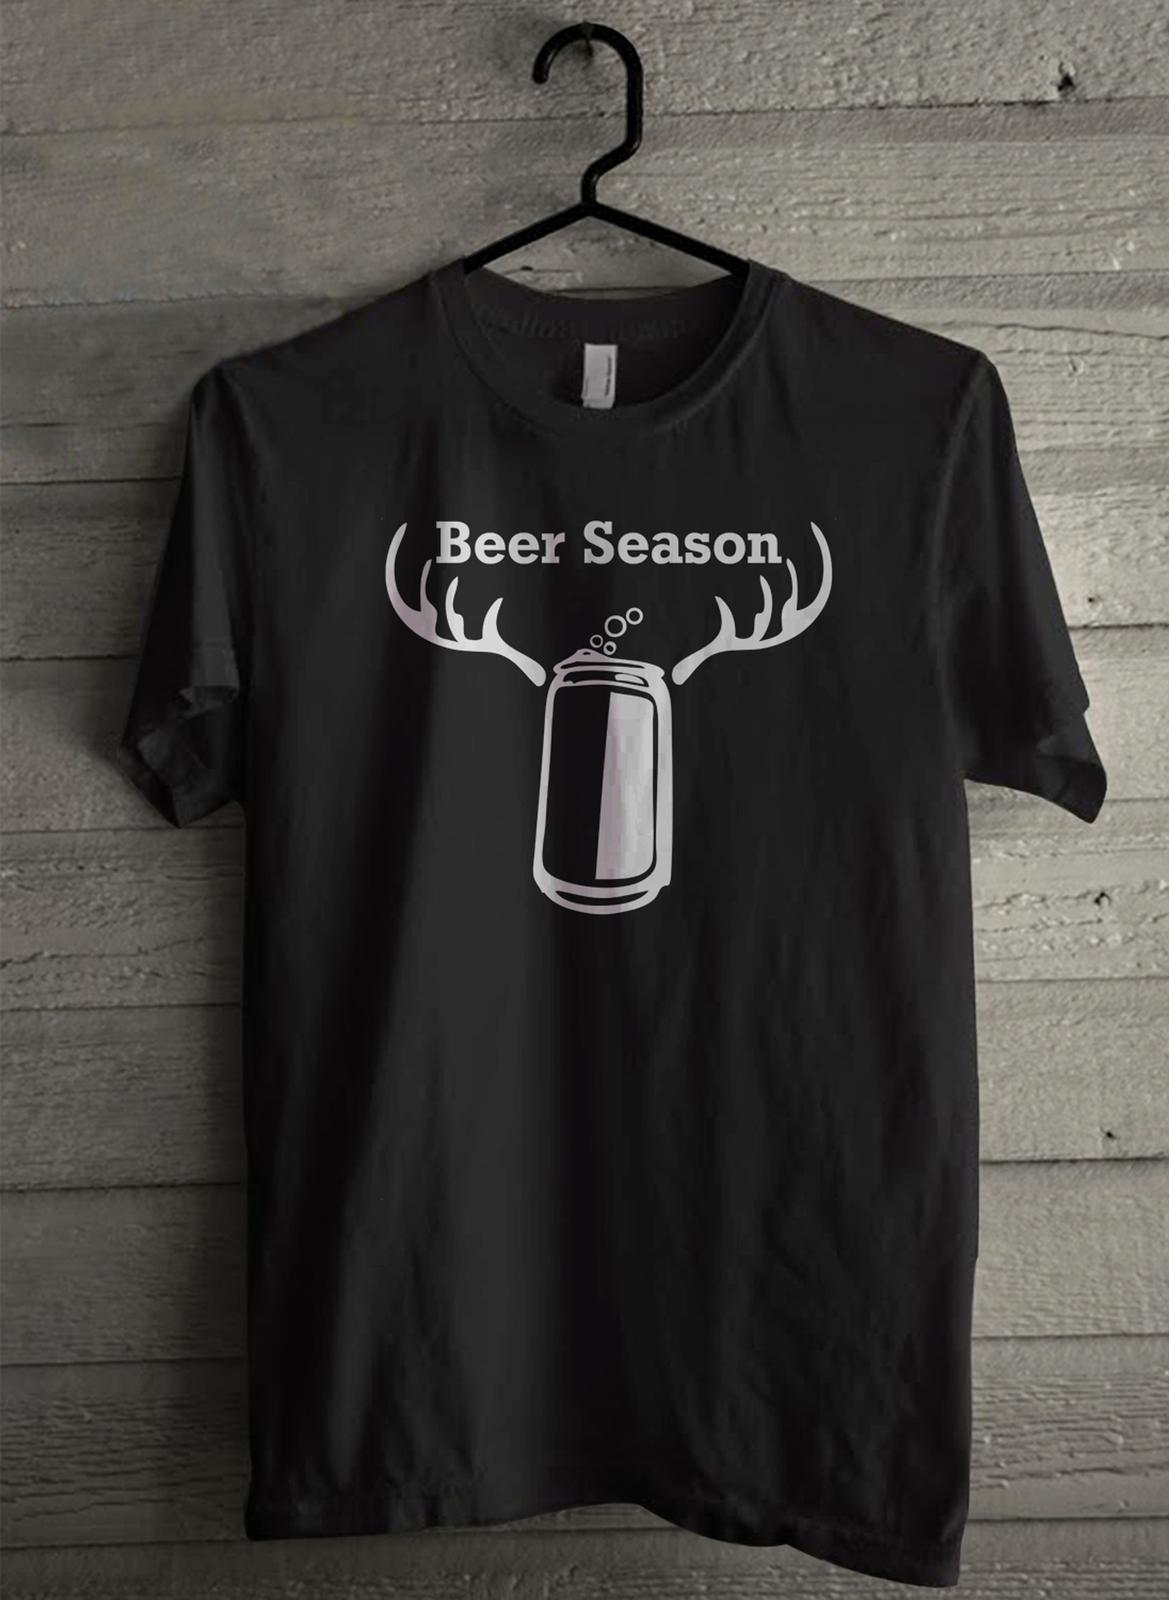 Beer season